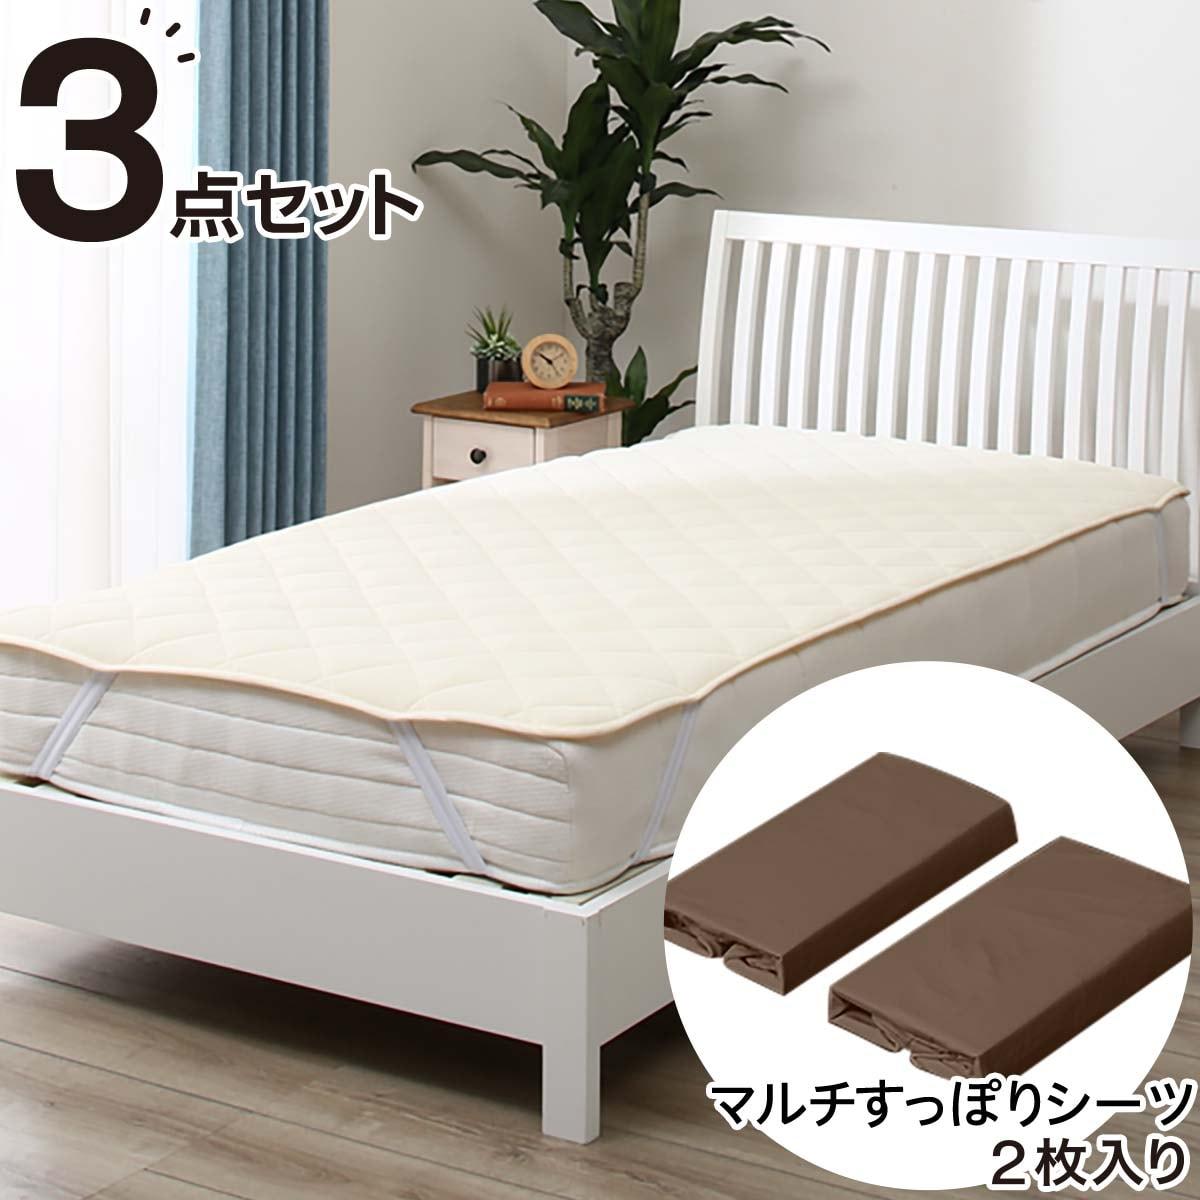 【3点セット】ベッドパッド&マルチすっぽりシーツ セミダブル(メッシュ DBR SD) ニトリ 【送料無料・玄関先迄納品】